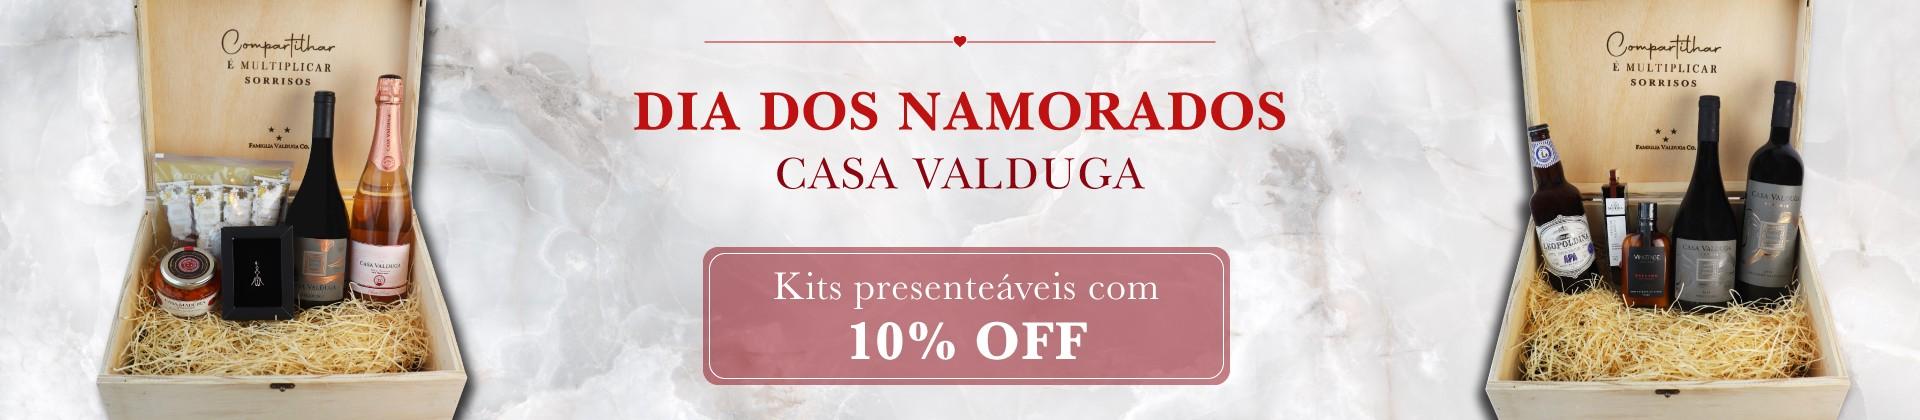 campanha dia dos namorados Famiglia Valduga (1920x420)